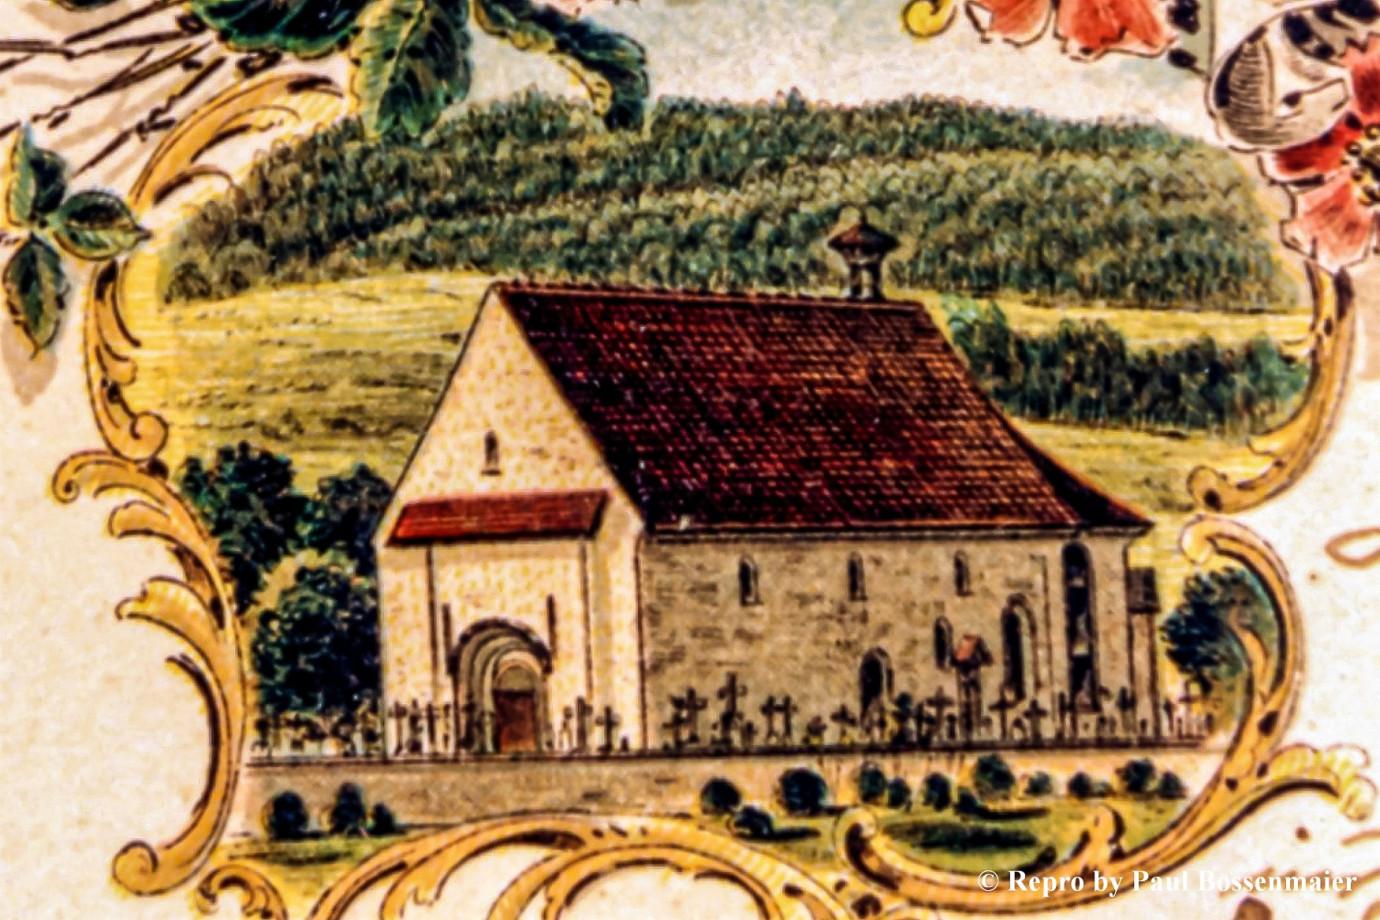 Postkarte, nach Einsturz des Turmes im August 1830 mit Dachreiter versehen